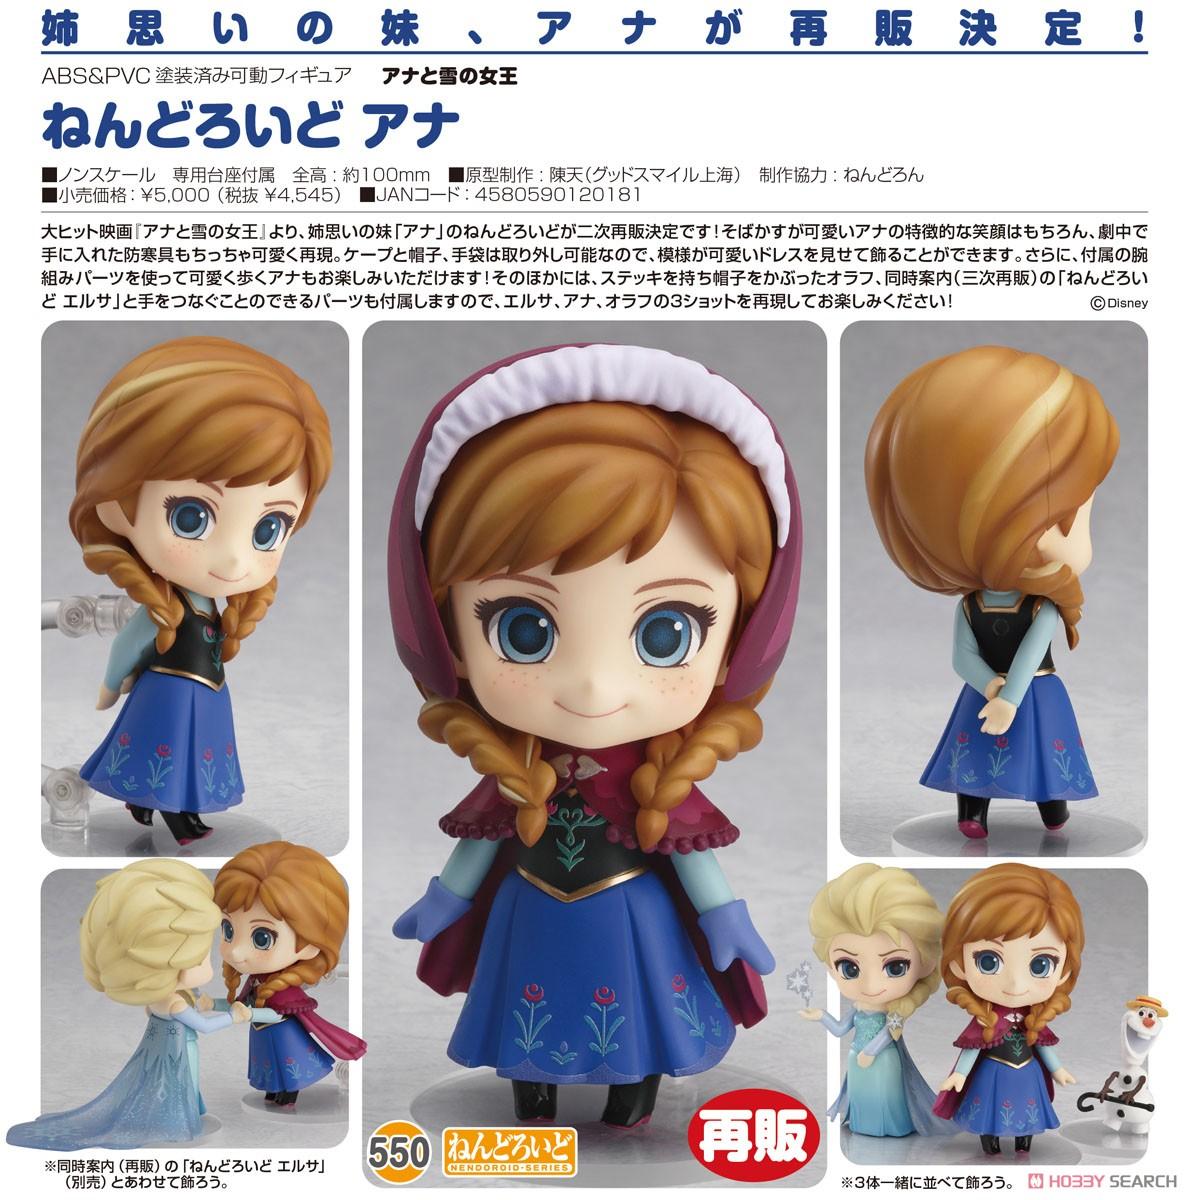 【再販】ねんどろいど『エルサ』アナと雪の女王 可動フィギュア-012